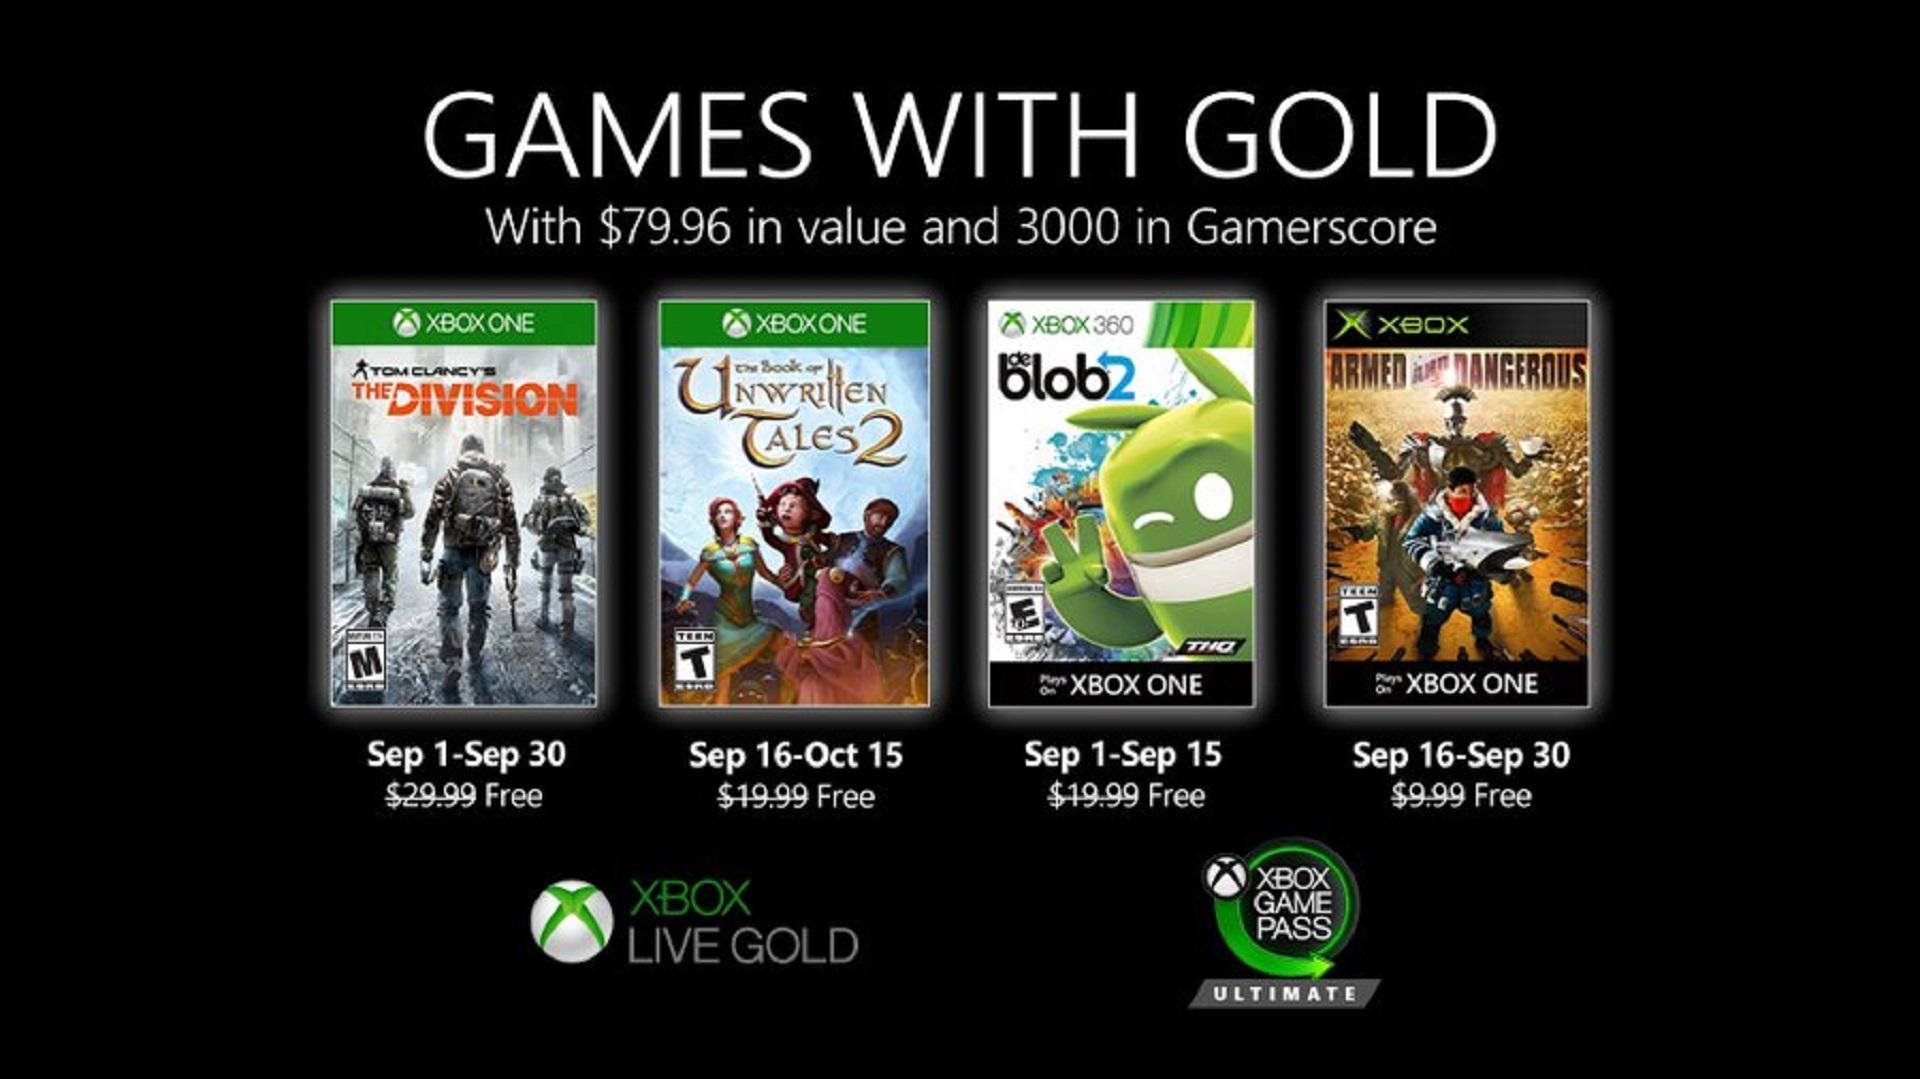 Le Premier Lot Des Gold Games De Septembre Est Maintenant